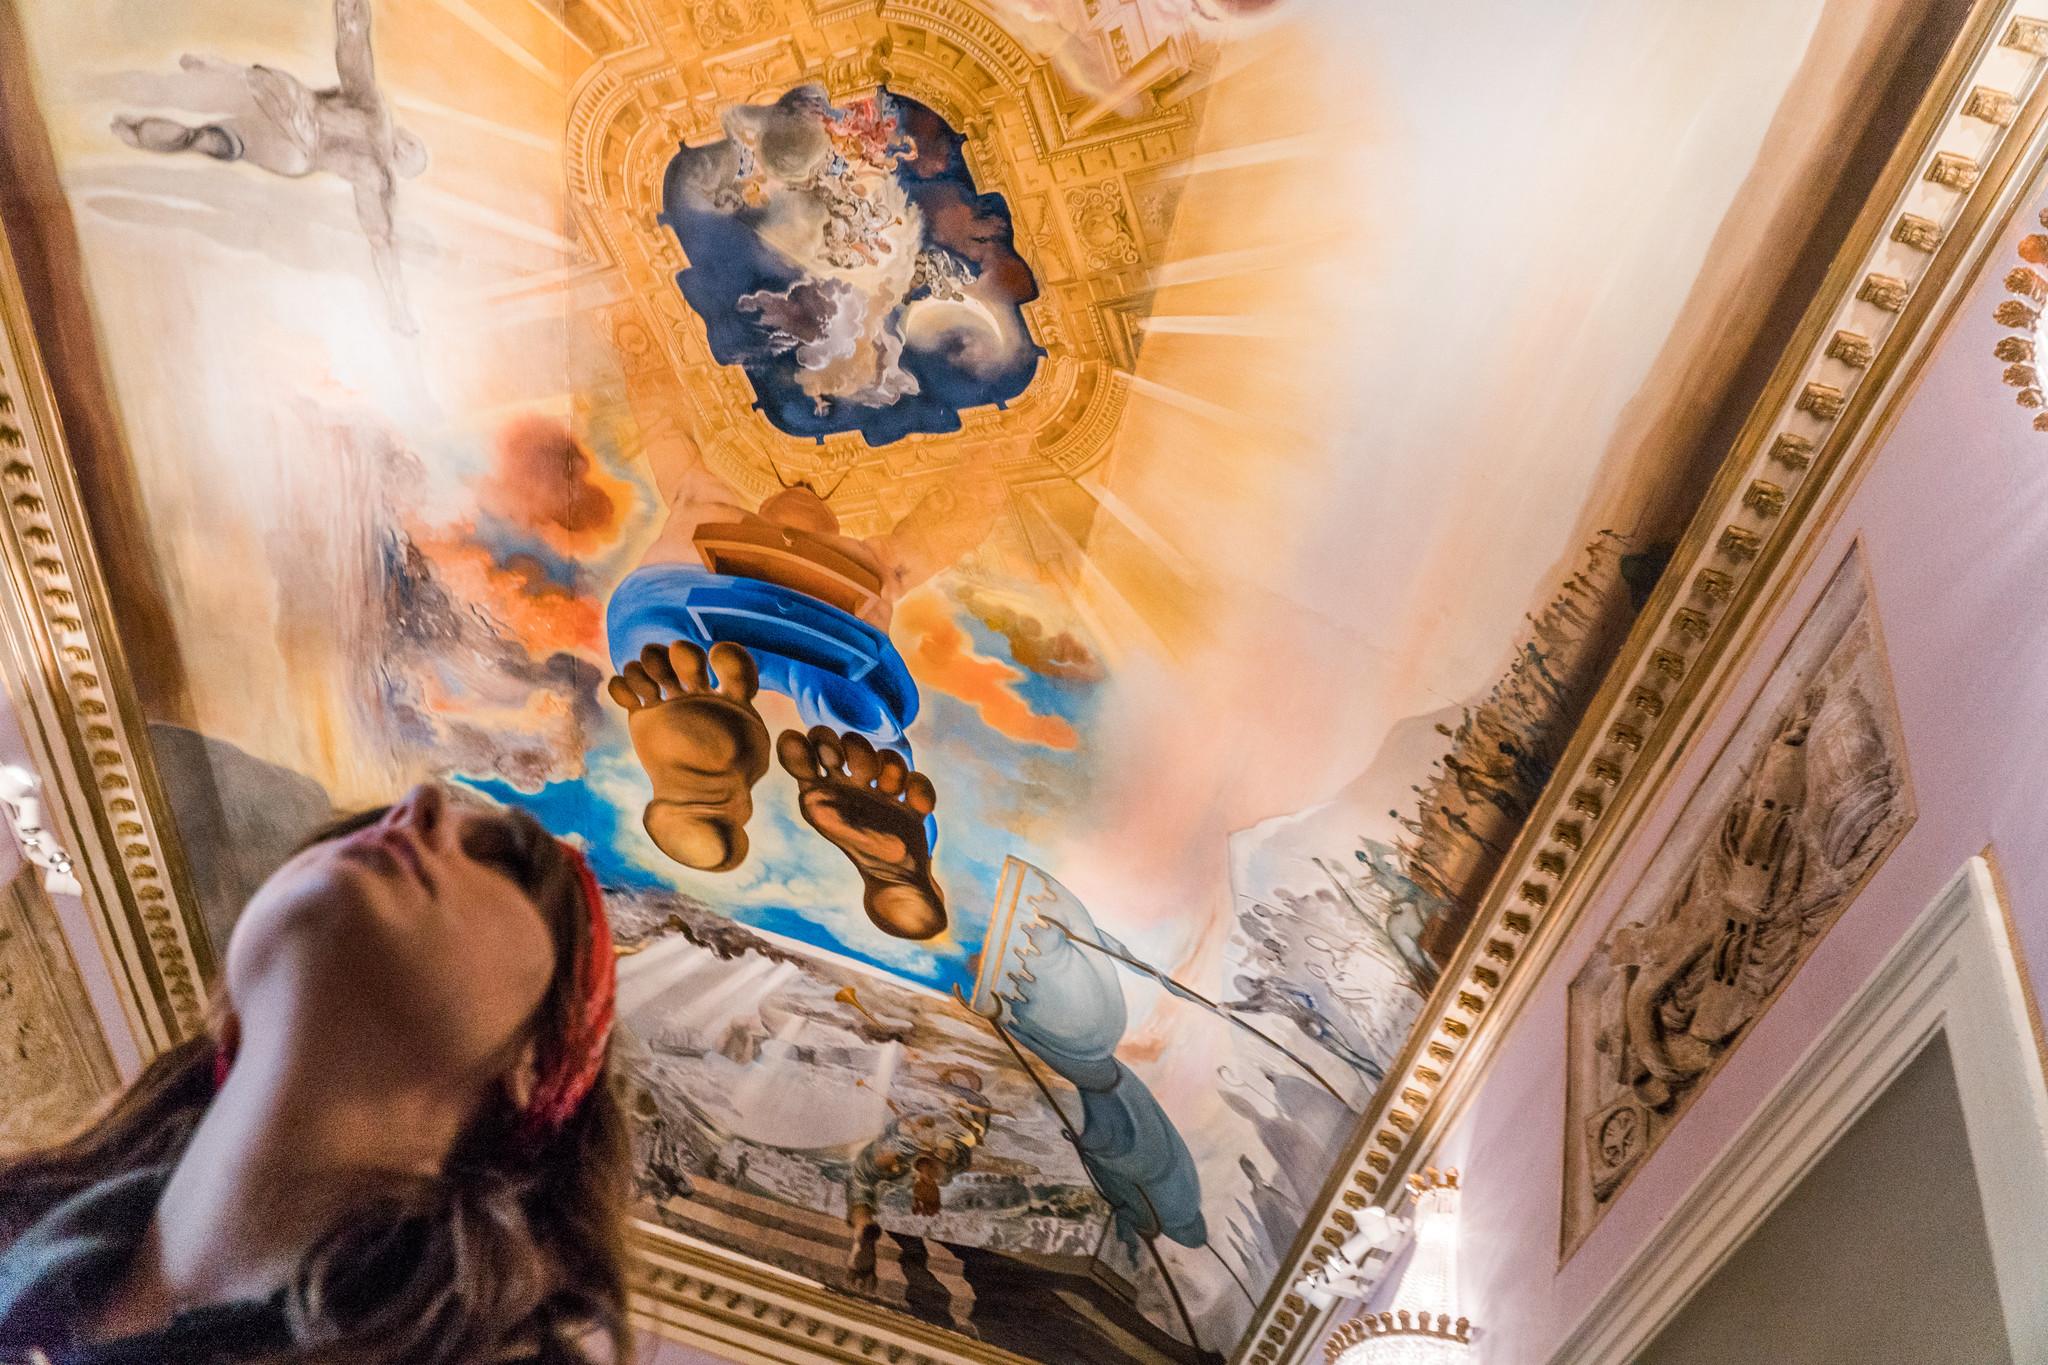 un soffitto con un dipinto di piedi immensi e una ragazza sotto